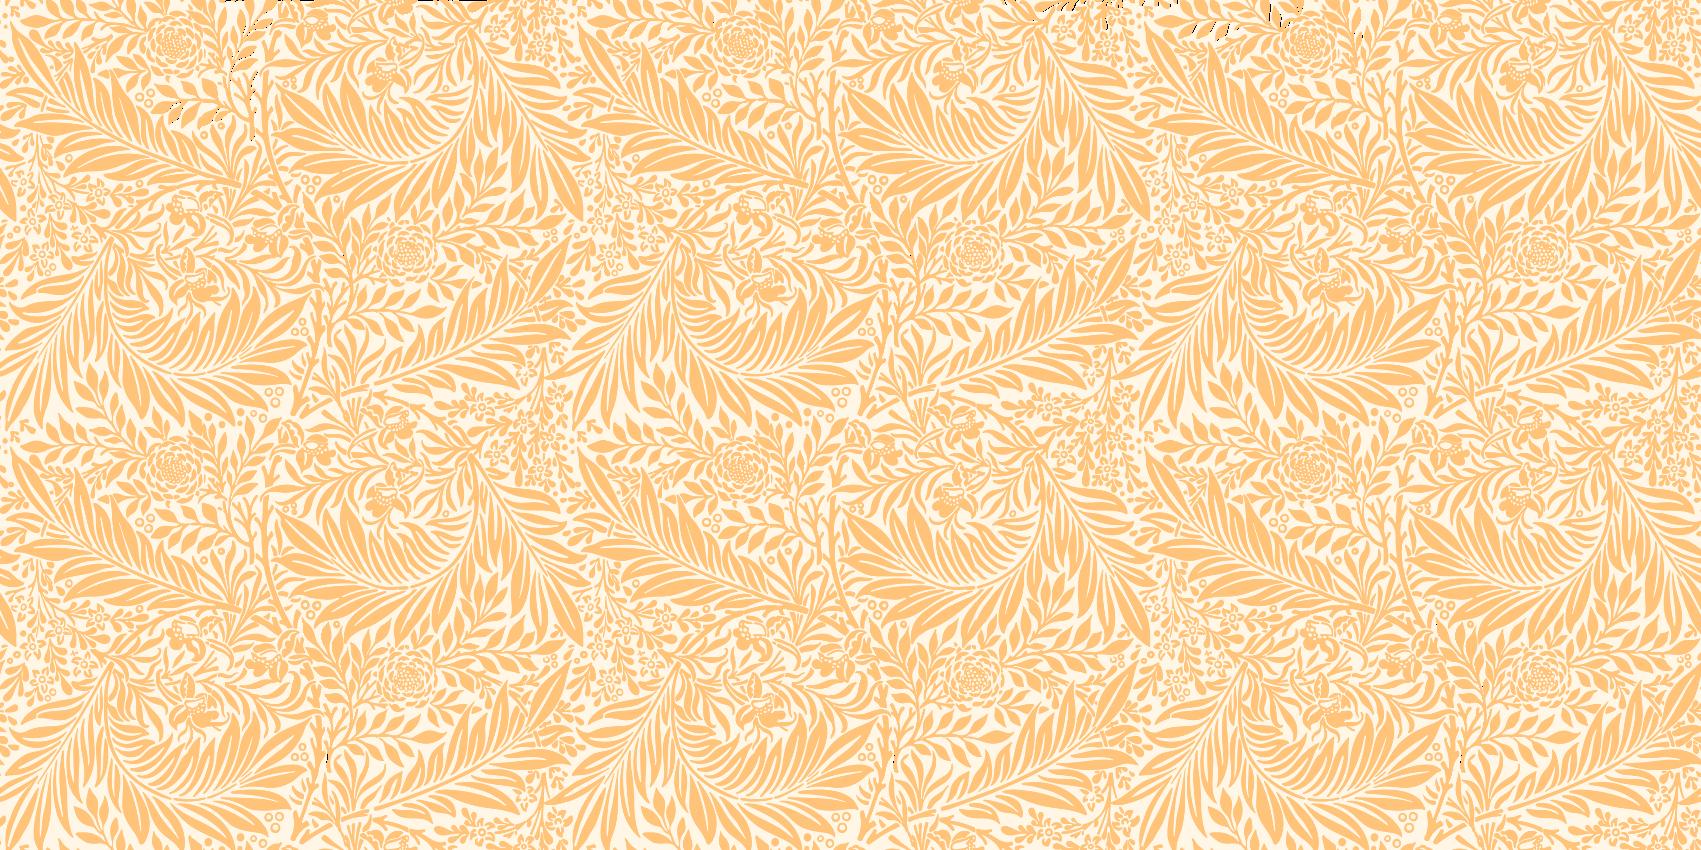 TenStickers. Pomarańczowy dywan winylowy w kwiatowy wzór. Pomarańczowy dywan winylowy w kwiatowy wzór z niezwykle skomplikowanym wzorem liści i kwiatów w kolorze pomarańczowym. Dostępne rabaty.